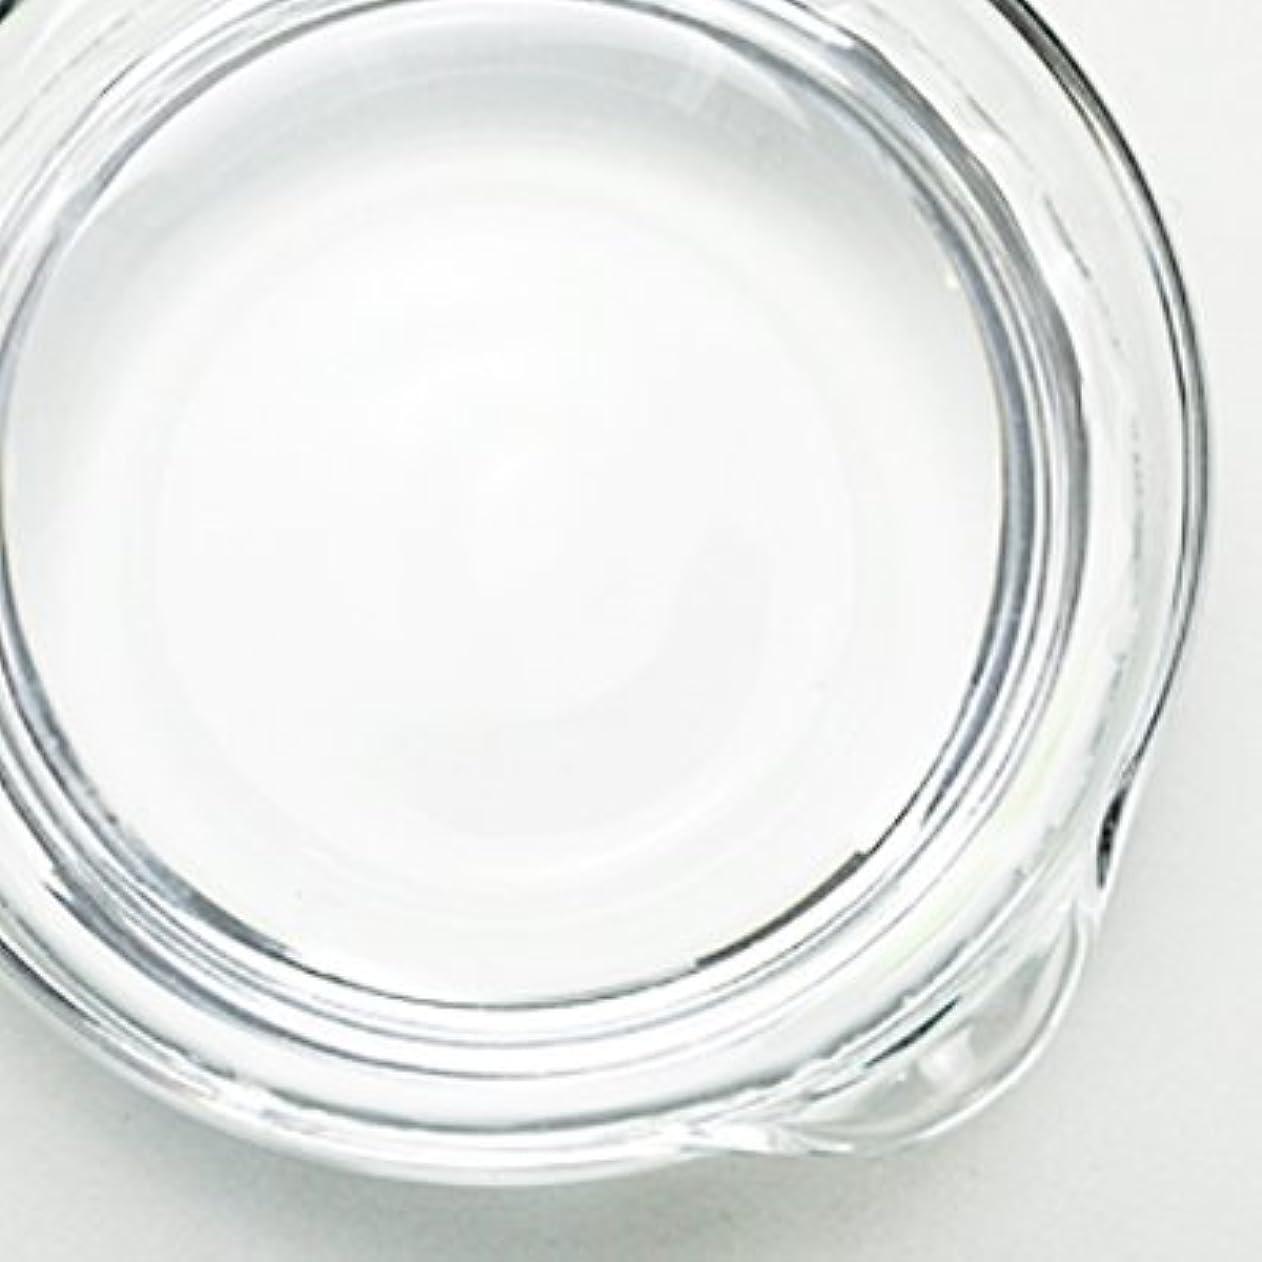 陽気なキャリア気分が良い1,3-ブチレングリコール[BG] 250ml 【手作り石鹸/手作りコスメ】